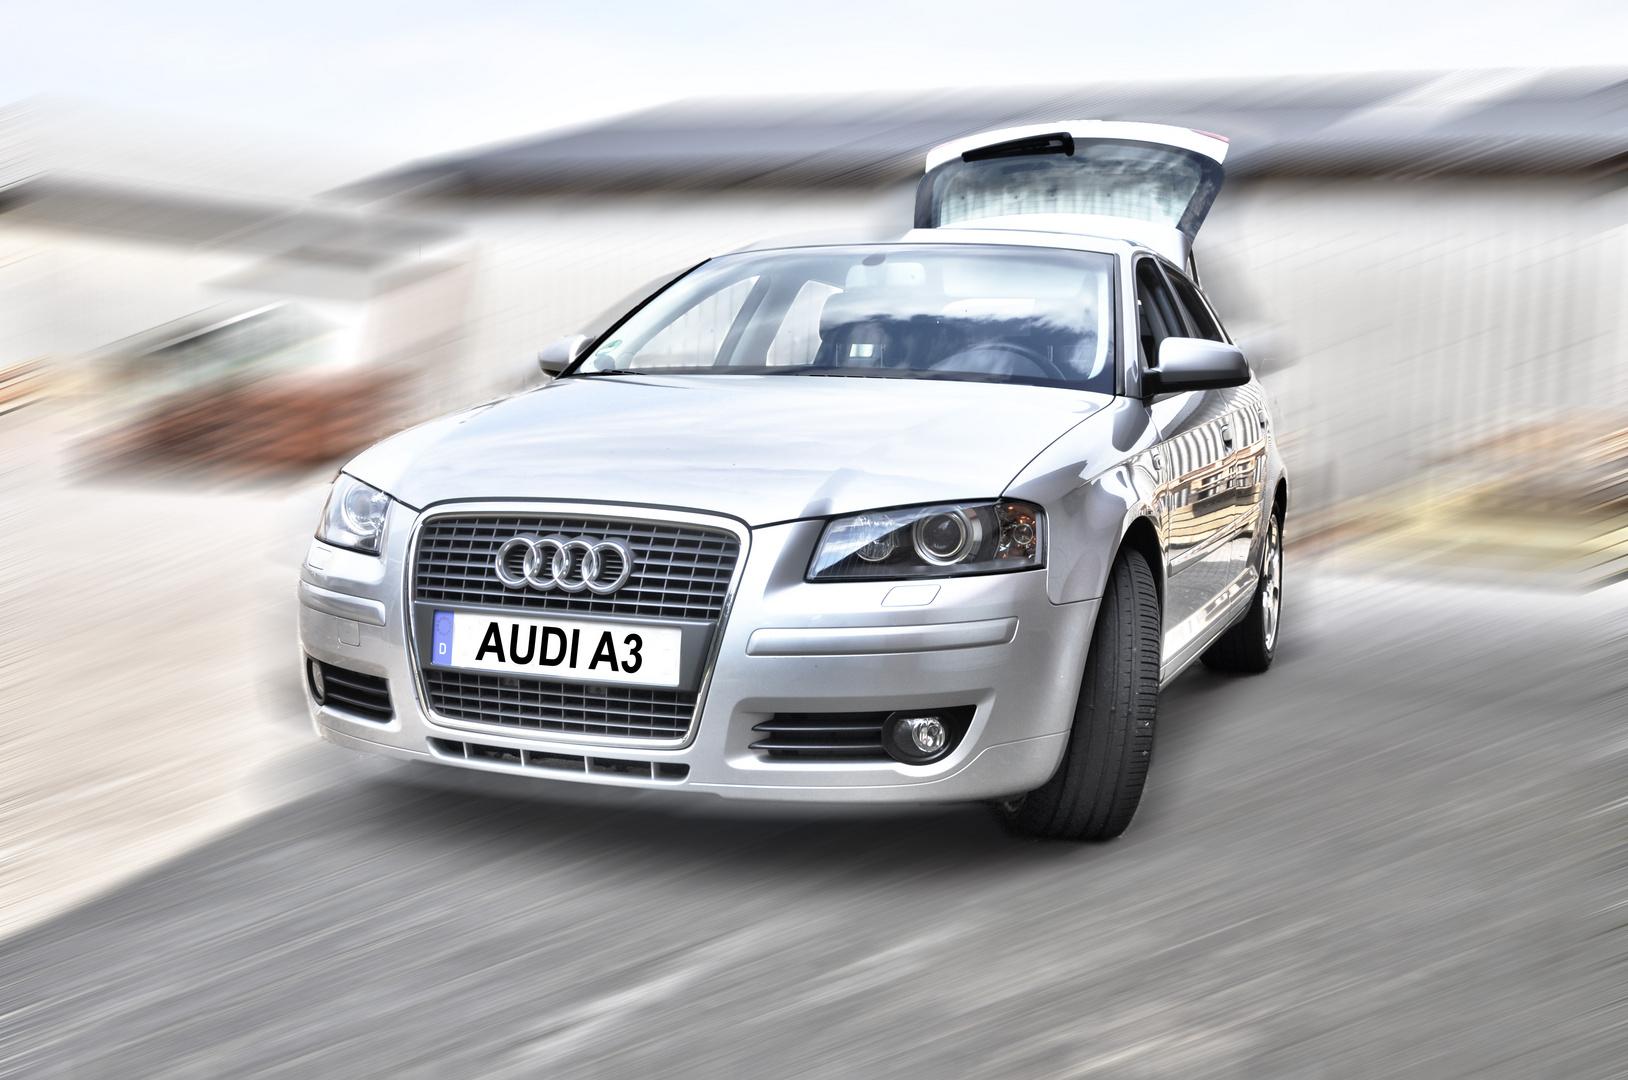 Audi A3 HDR